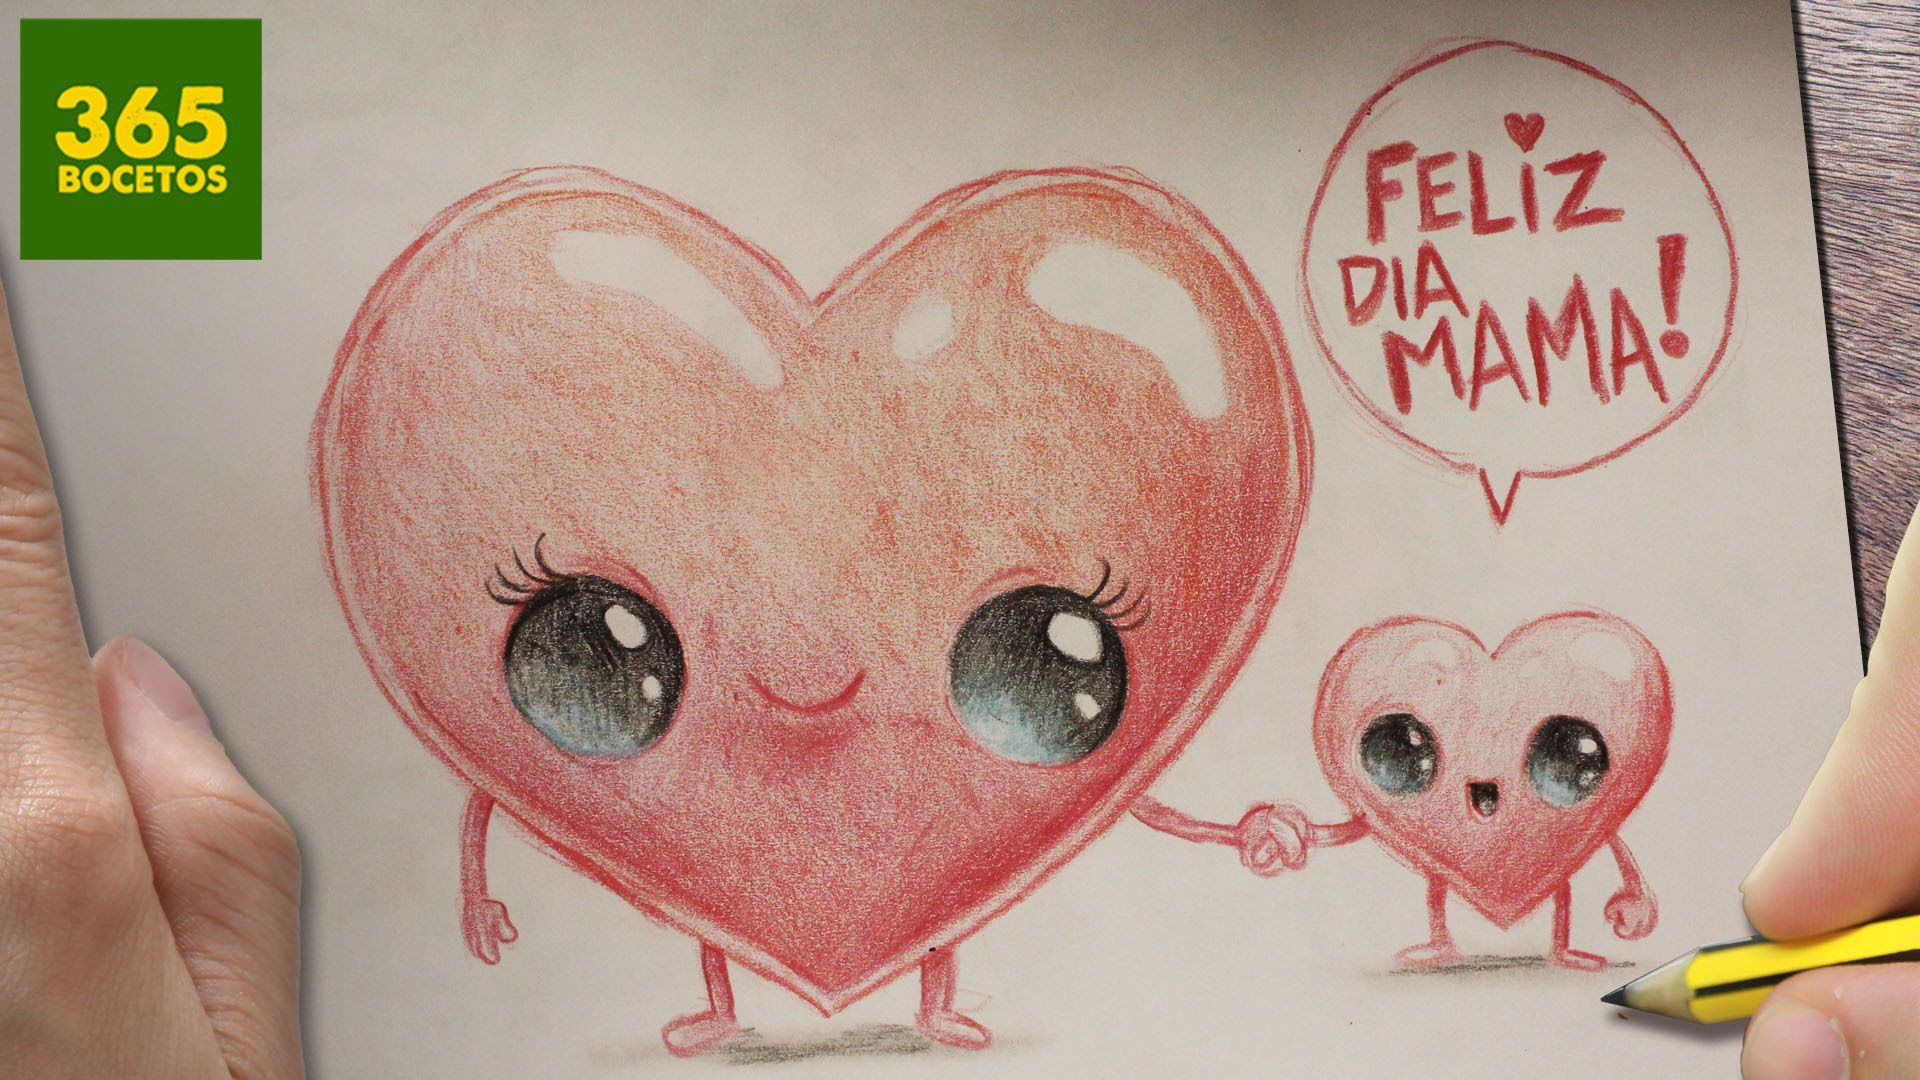 Como Dibujar El Mejor Regalo Para El Dia De La Madre Dibujo Paso A Paso Facil En Espanol Dibujos Del Dia De Las Madres Dibujo Paso A Paso Dibujo Para Mama